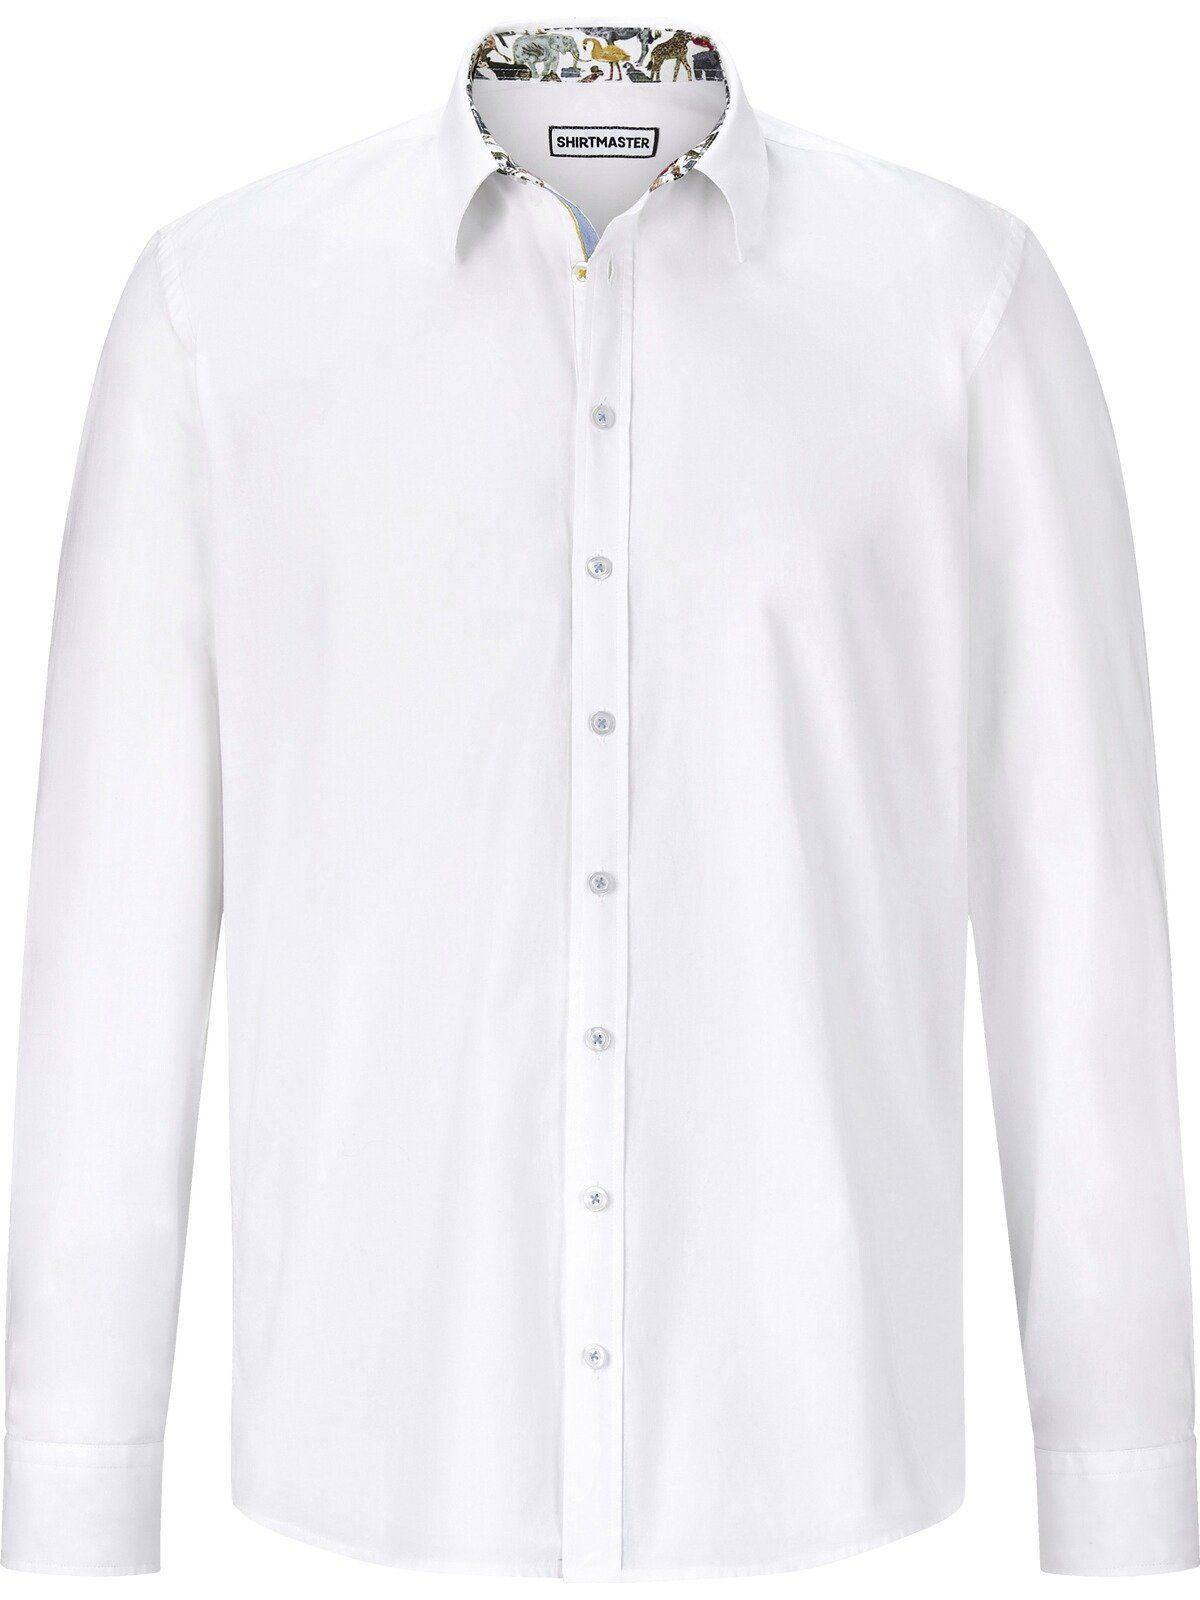 Shirtmaster Overhemd Met Lange Mouwen Âsleepingtigerâ Nu Online Bestellen - Geweldige Prijs